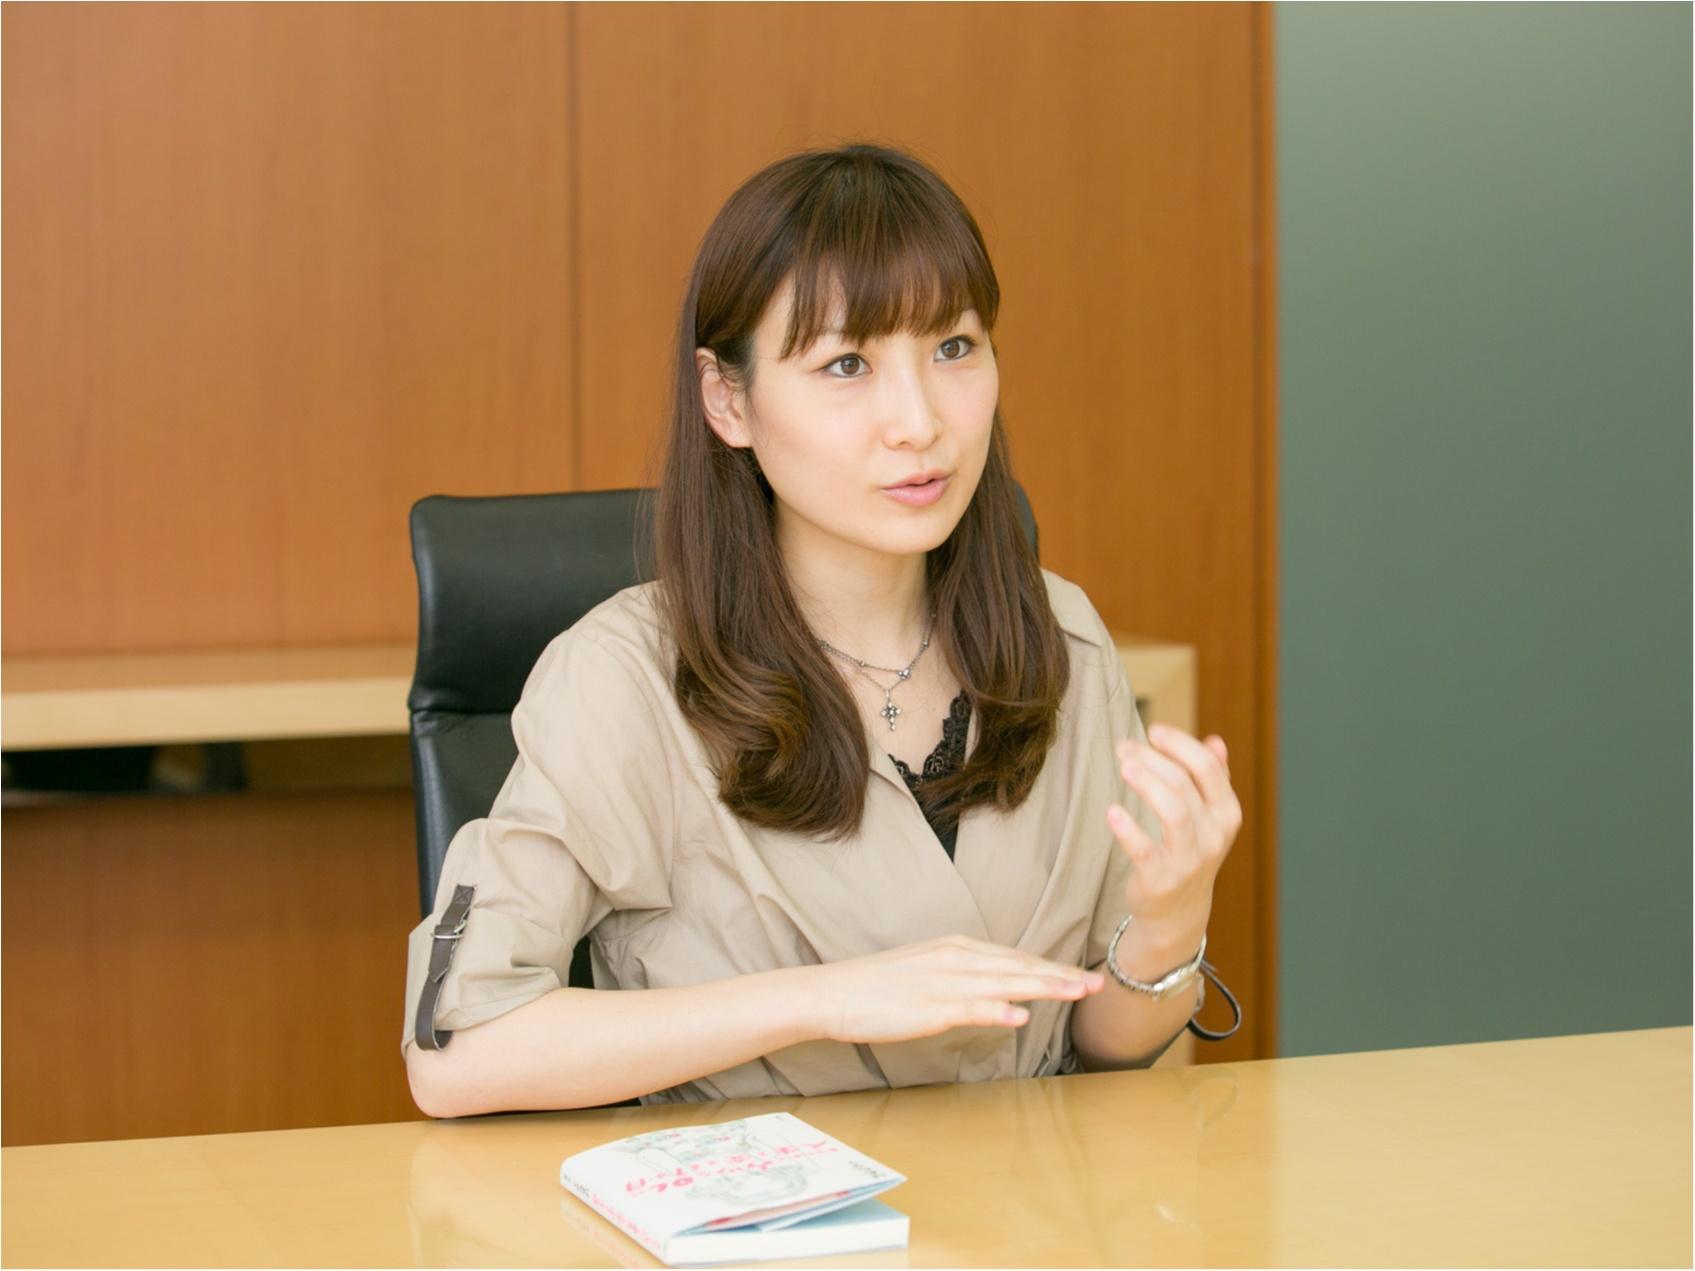 【はあちゅうさん直撃インタビュー】初小説に込めた想いと、女子が強くなるヒントとは?_3